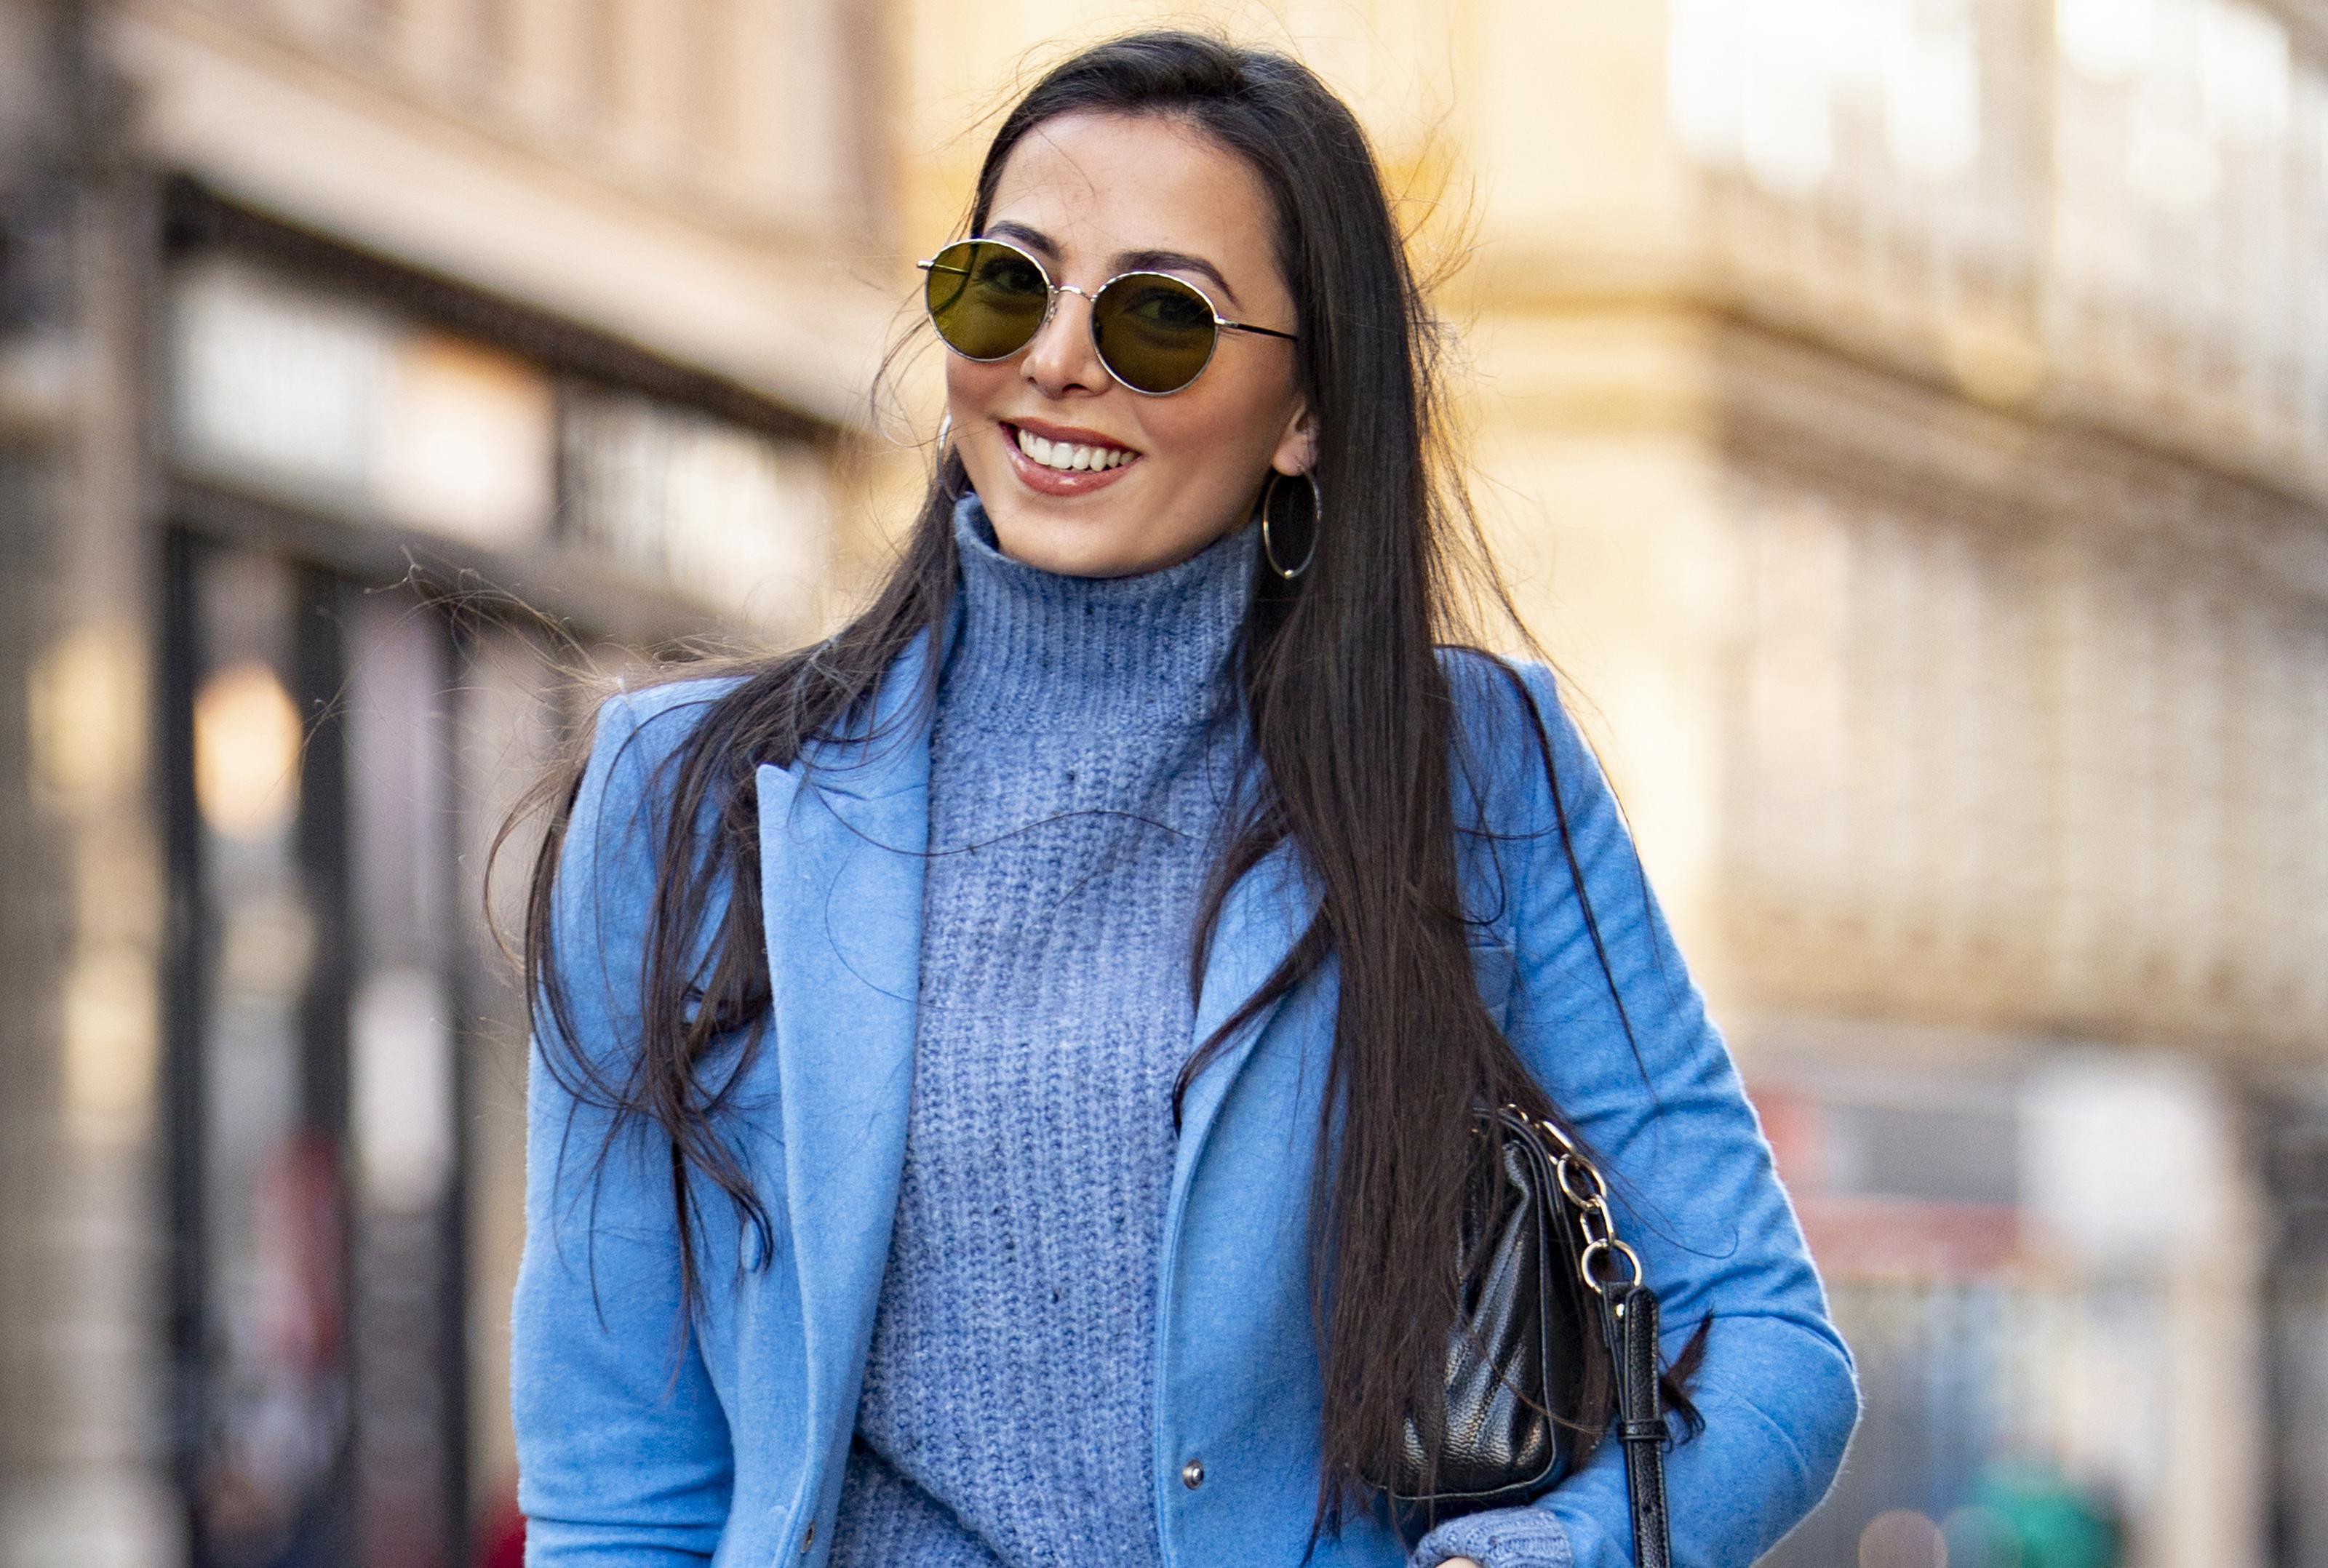 """Studentica ekonomije: """"Izabrala sam plavo jer simbolizira slobodu - kad sam zauzeta, rijetko nosim plavo!"""""""